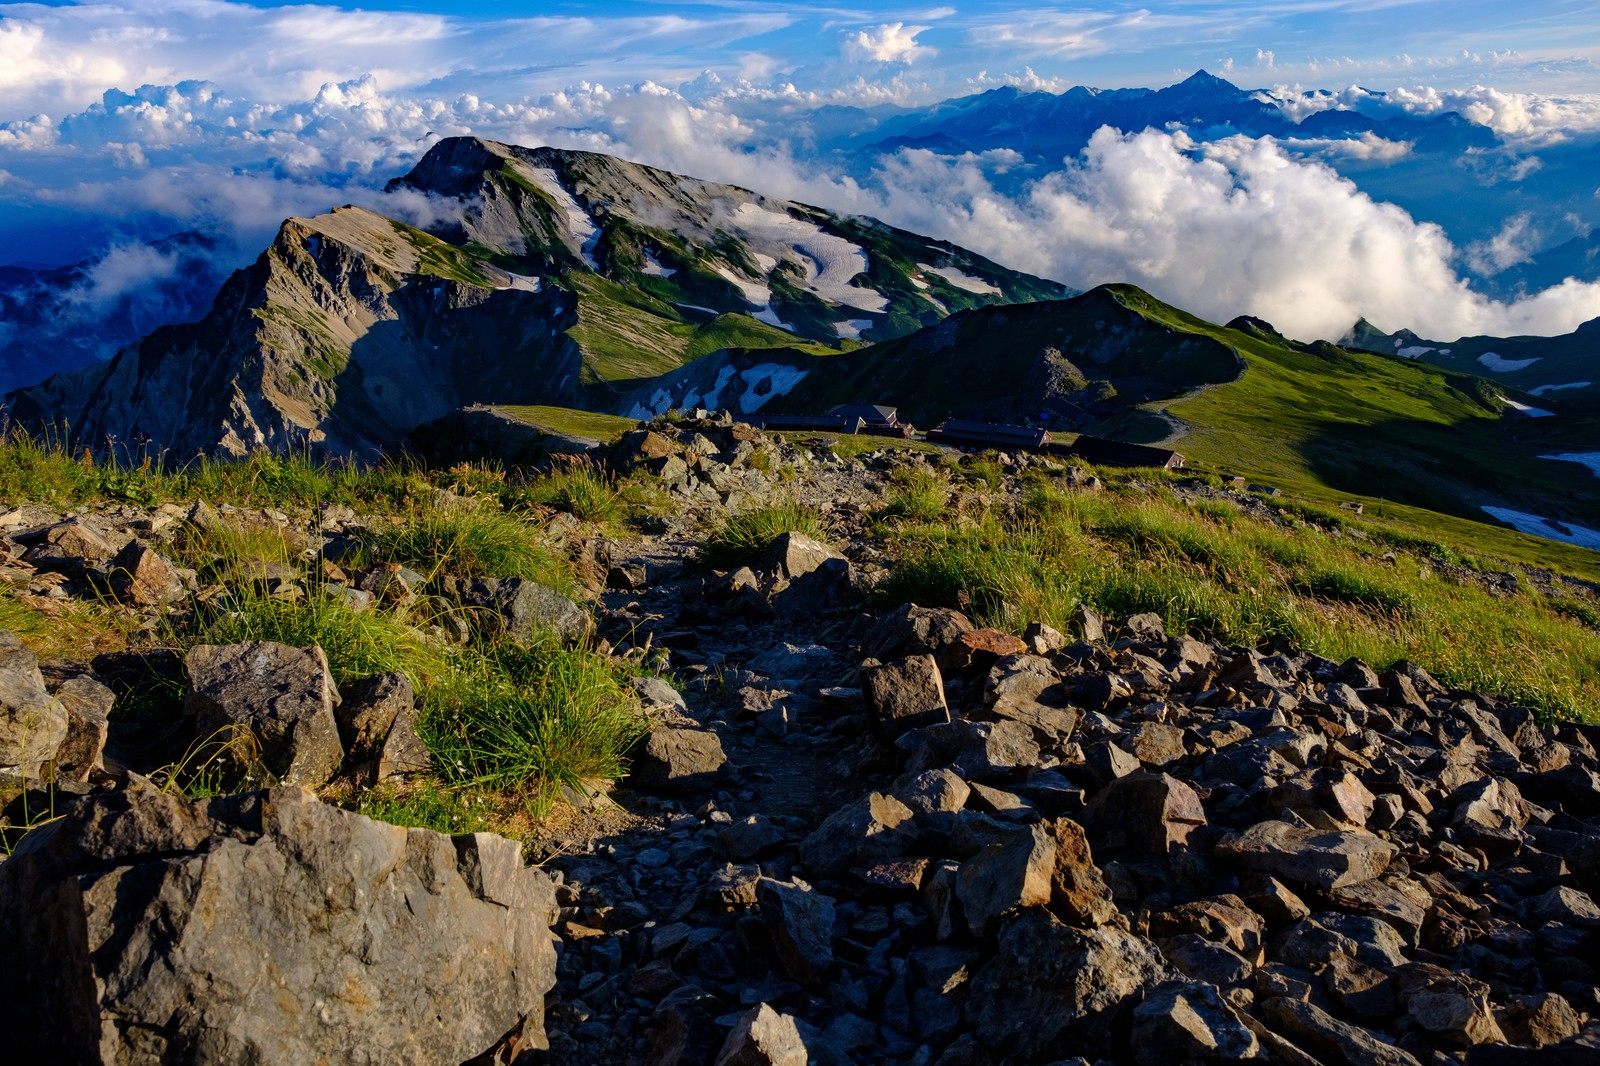 「白馬岳稜線の登山道から見る白馬連峰と立山連峰」の写真